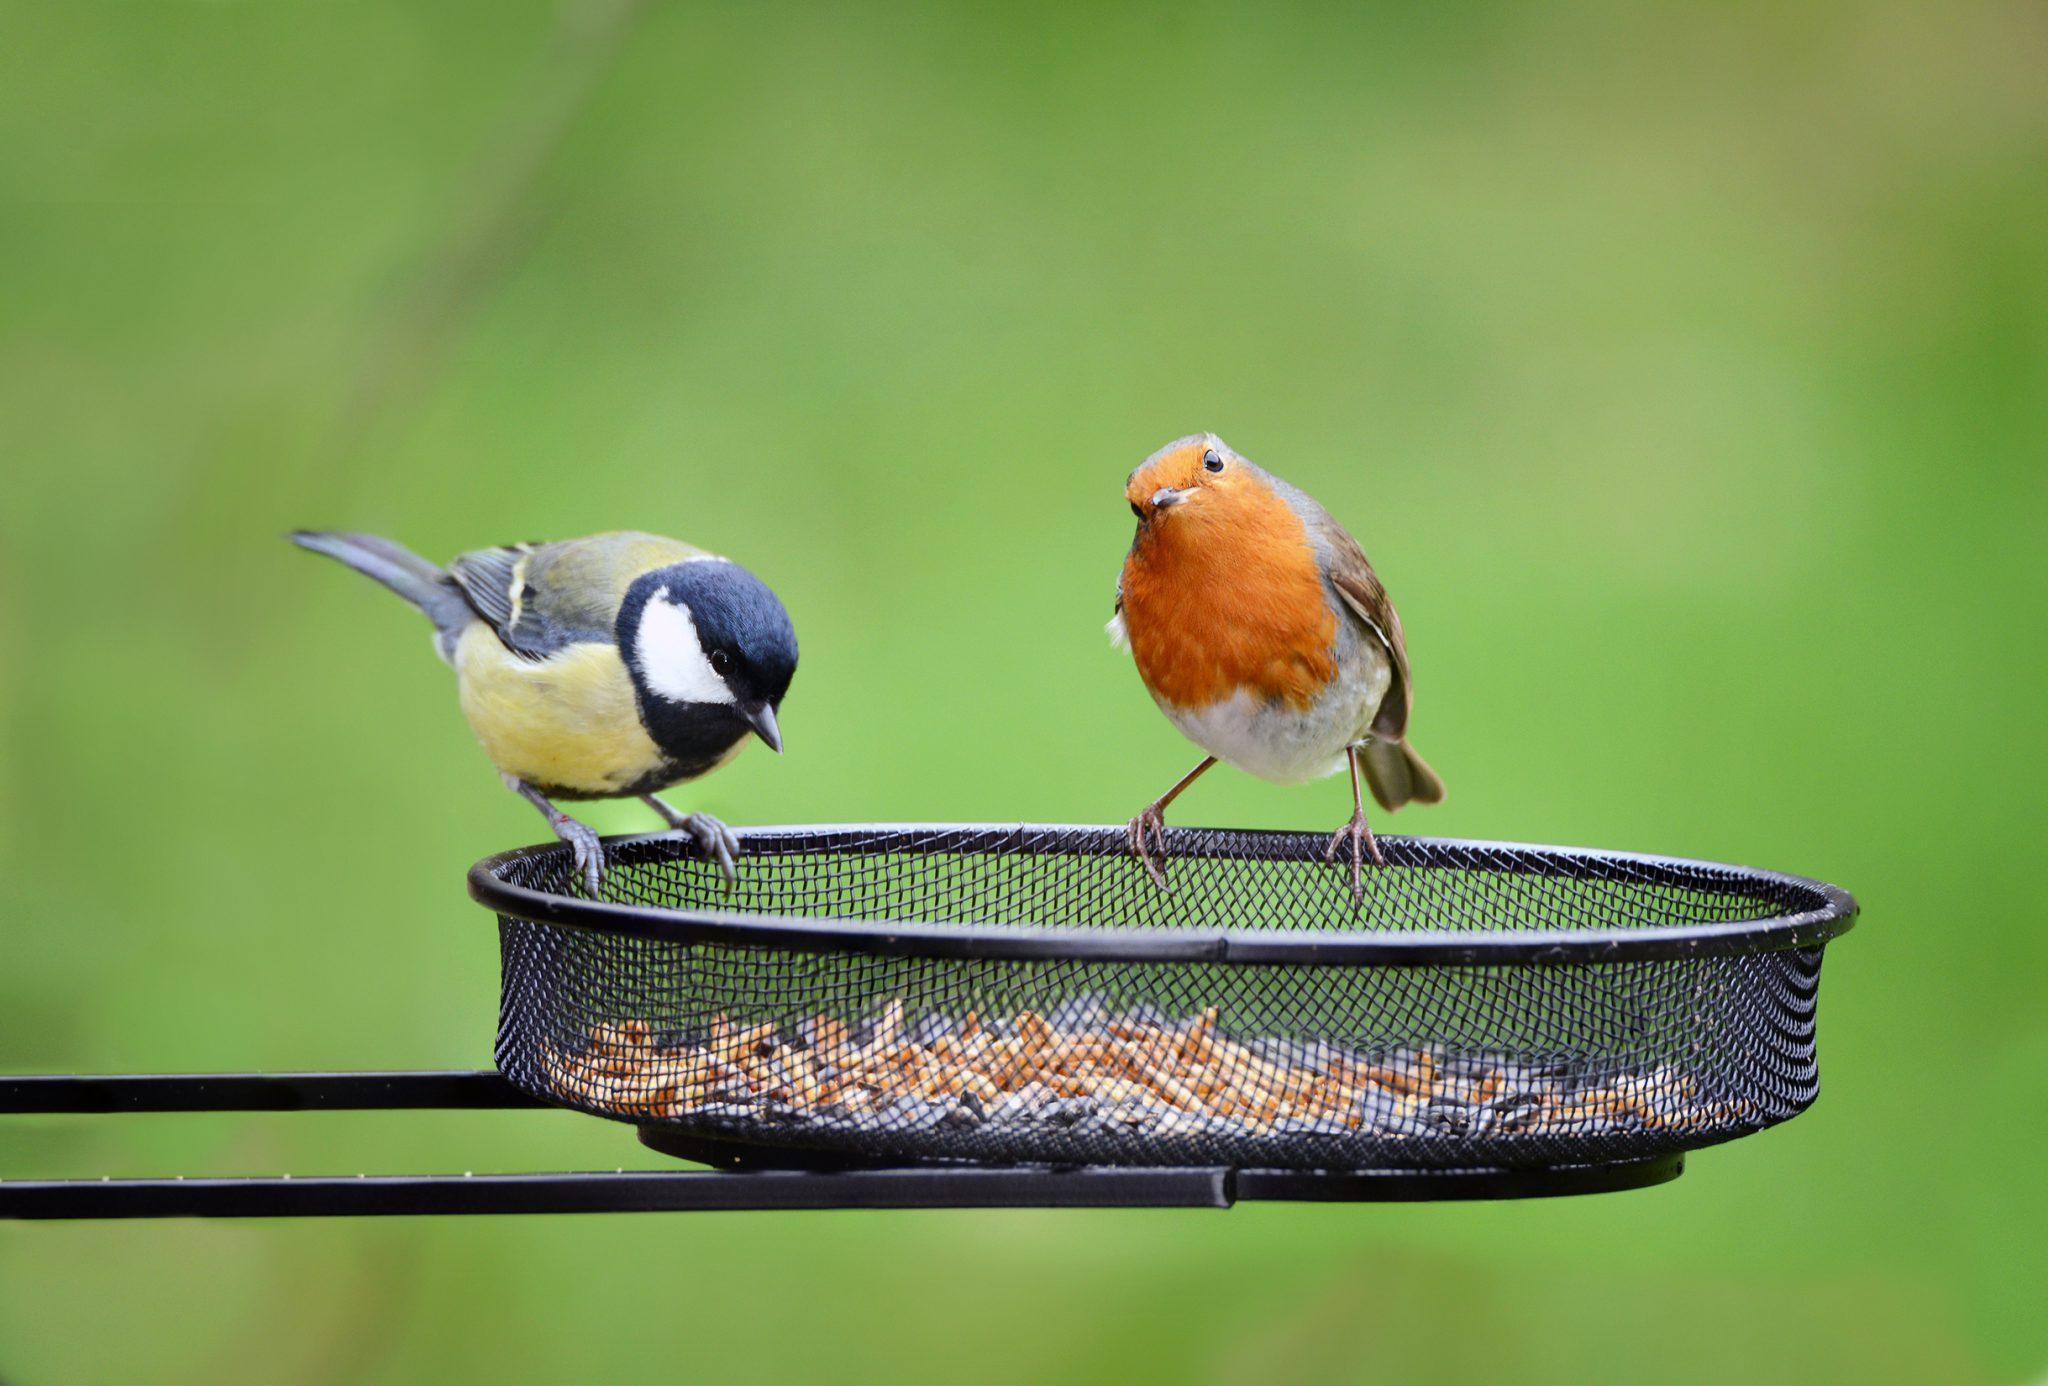 birds on feeder earnshaws